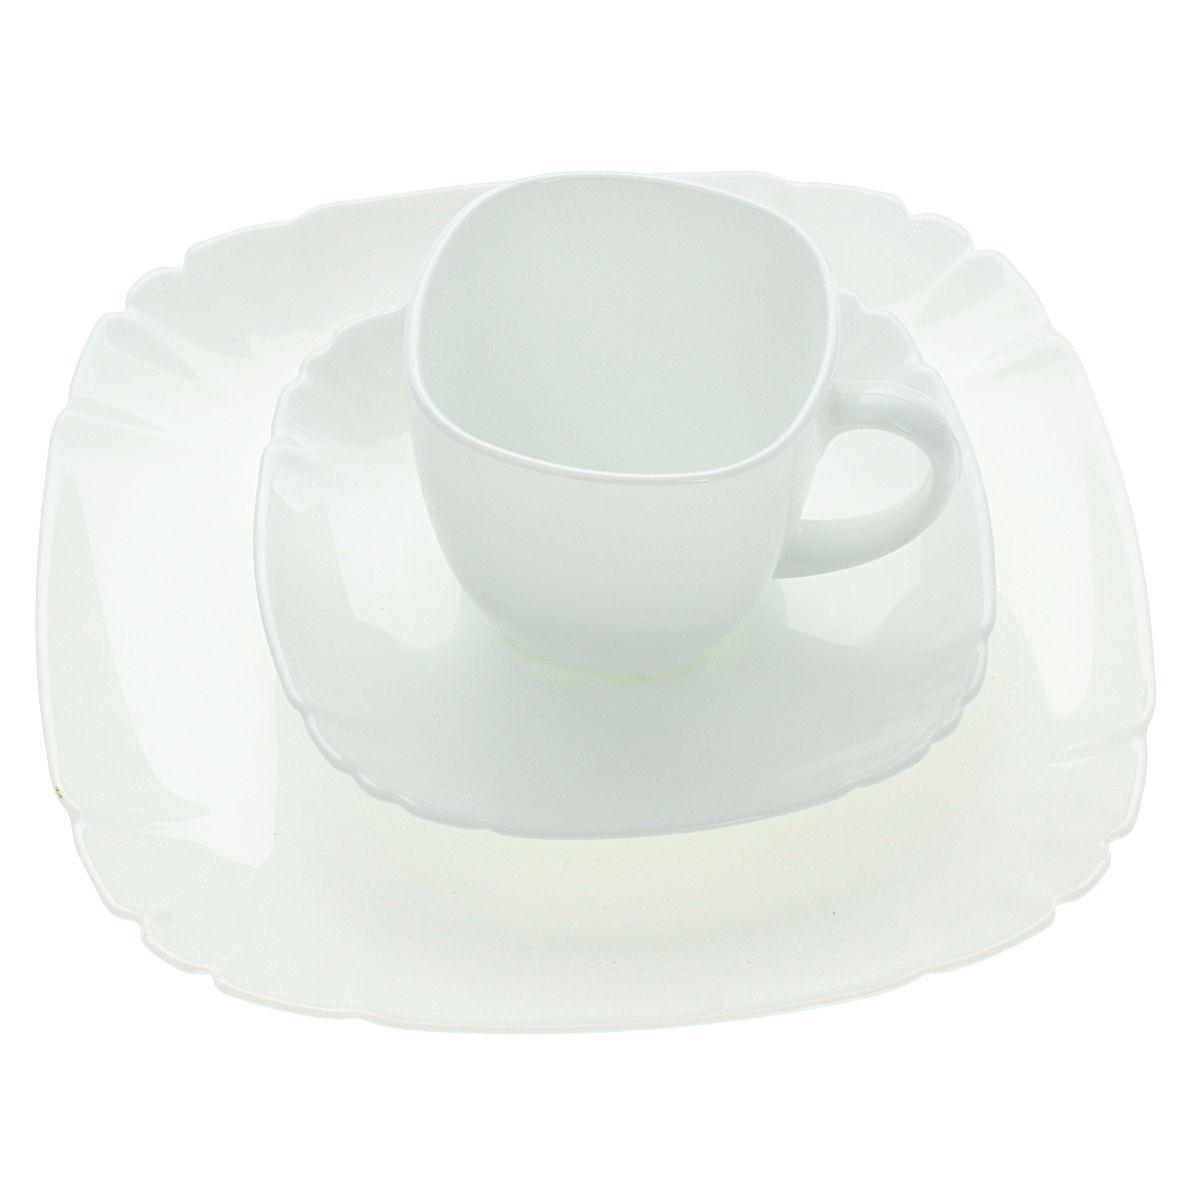 Сервиз чайно-столовый Luminarc LOTUSIA 18 предметов на 6 персон